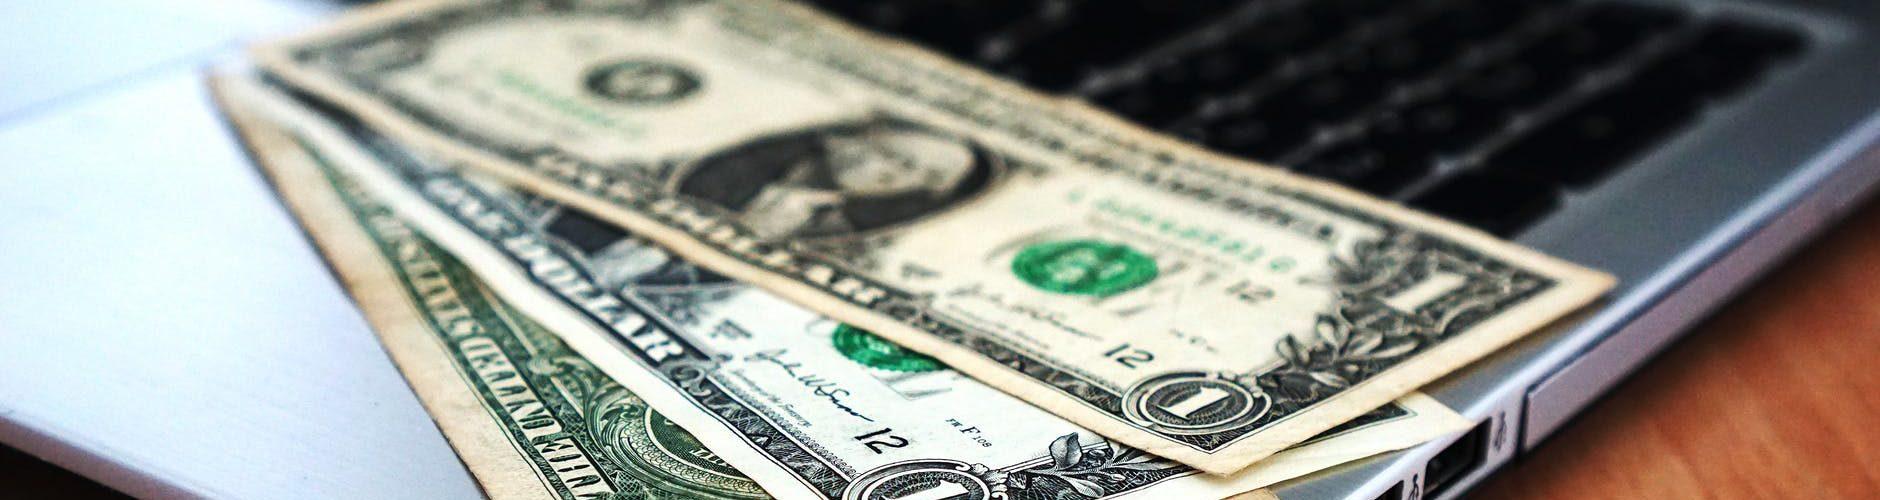 China set to go cashless